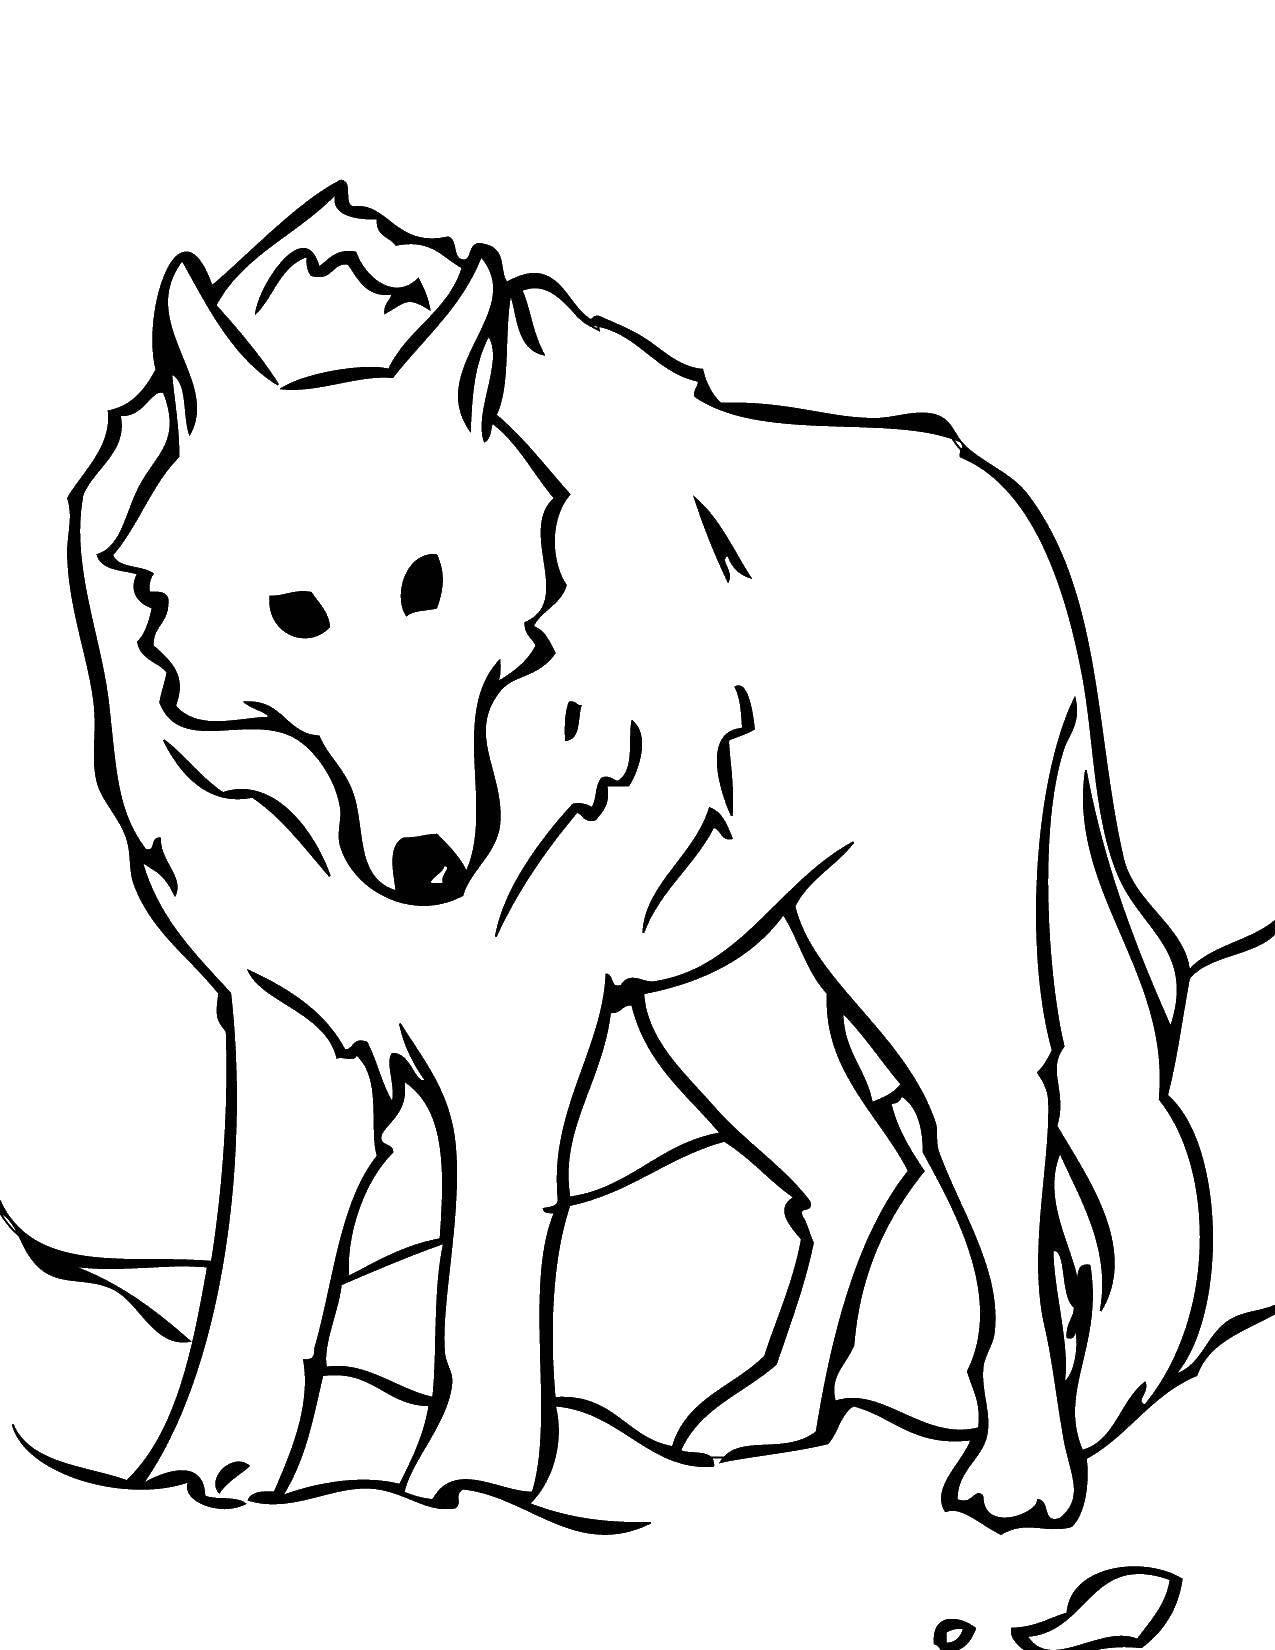 Раскраски Раскраска Волк дикие животные, скачать ...